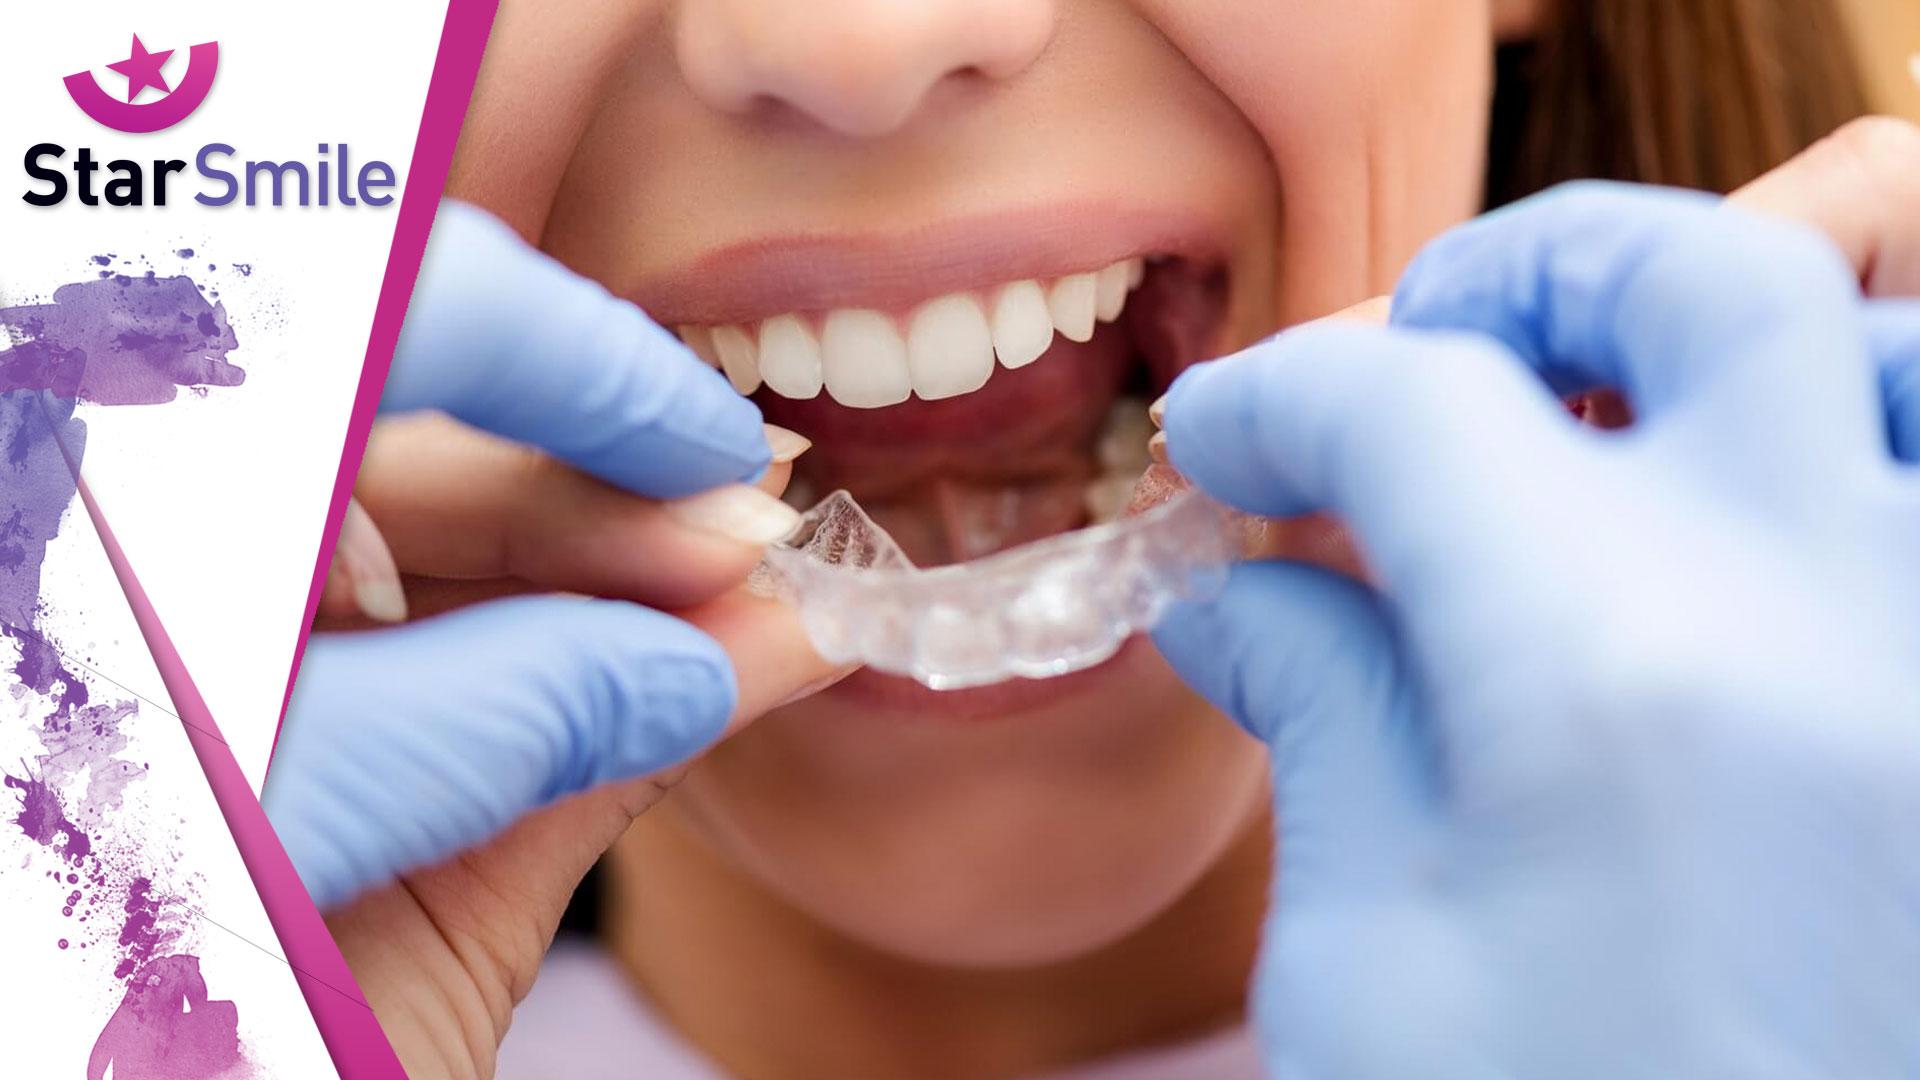 Лечение на элайнерах с точки зрения врача-ортодонта и стоматолога общей практики